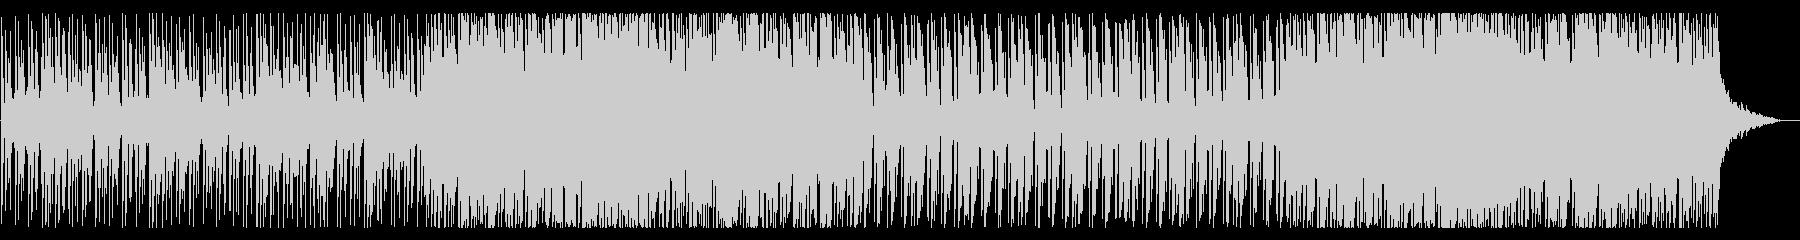 メロディック・プログレッシブ・ハウス01の未再生の波形